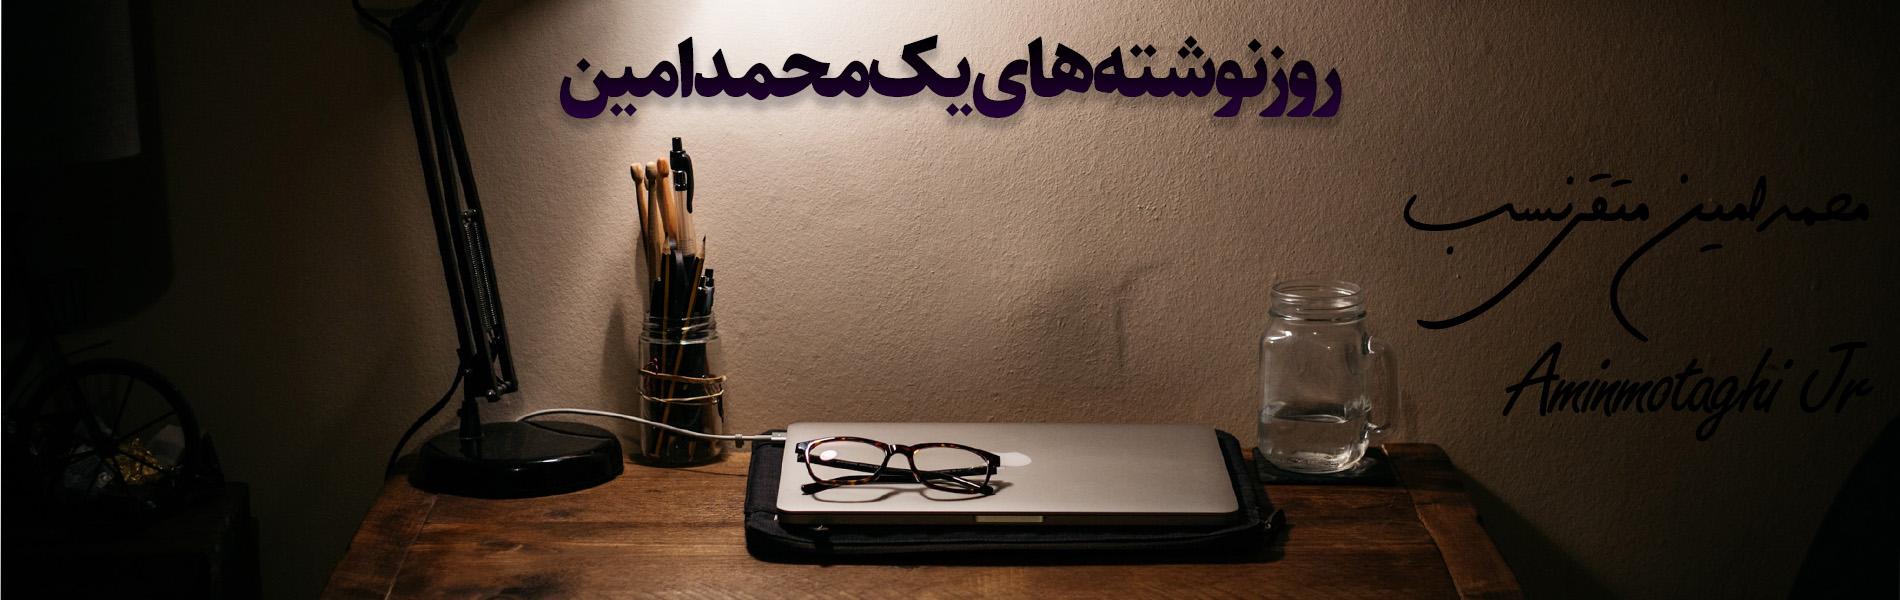 محمد امین متقی نسب